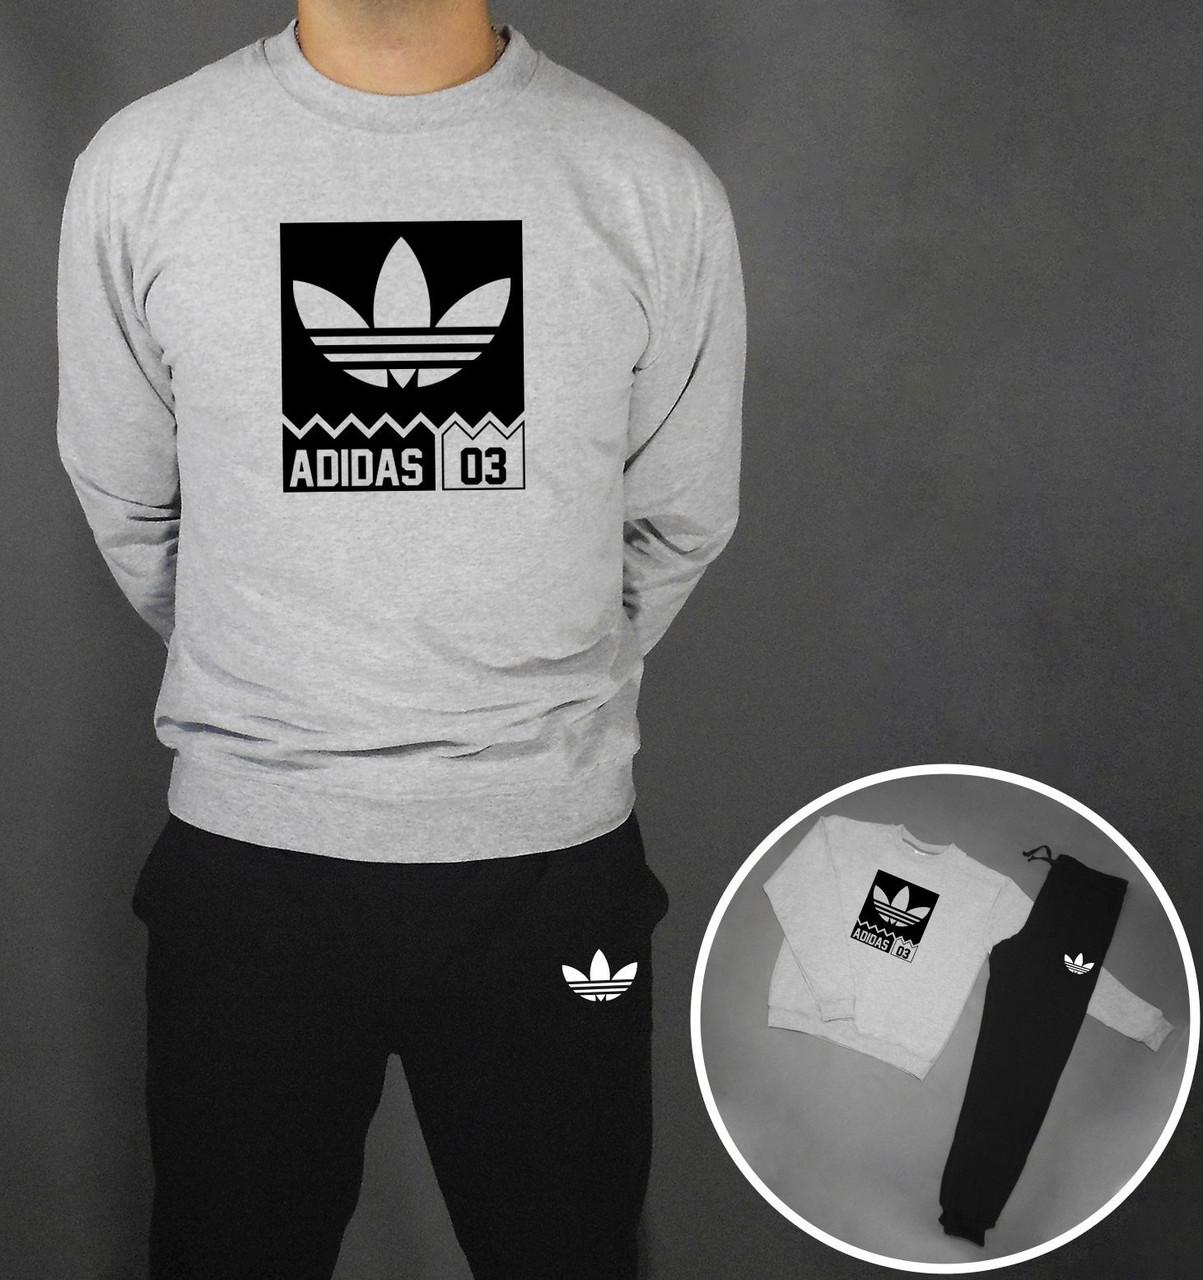 Мужской спортивный костюм Adidas серо-черный топ реплика - Интернет-магазин  обуви и одежды 726c66d3249